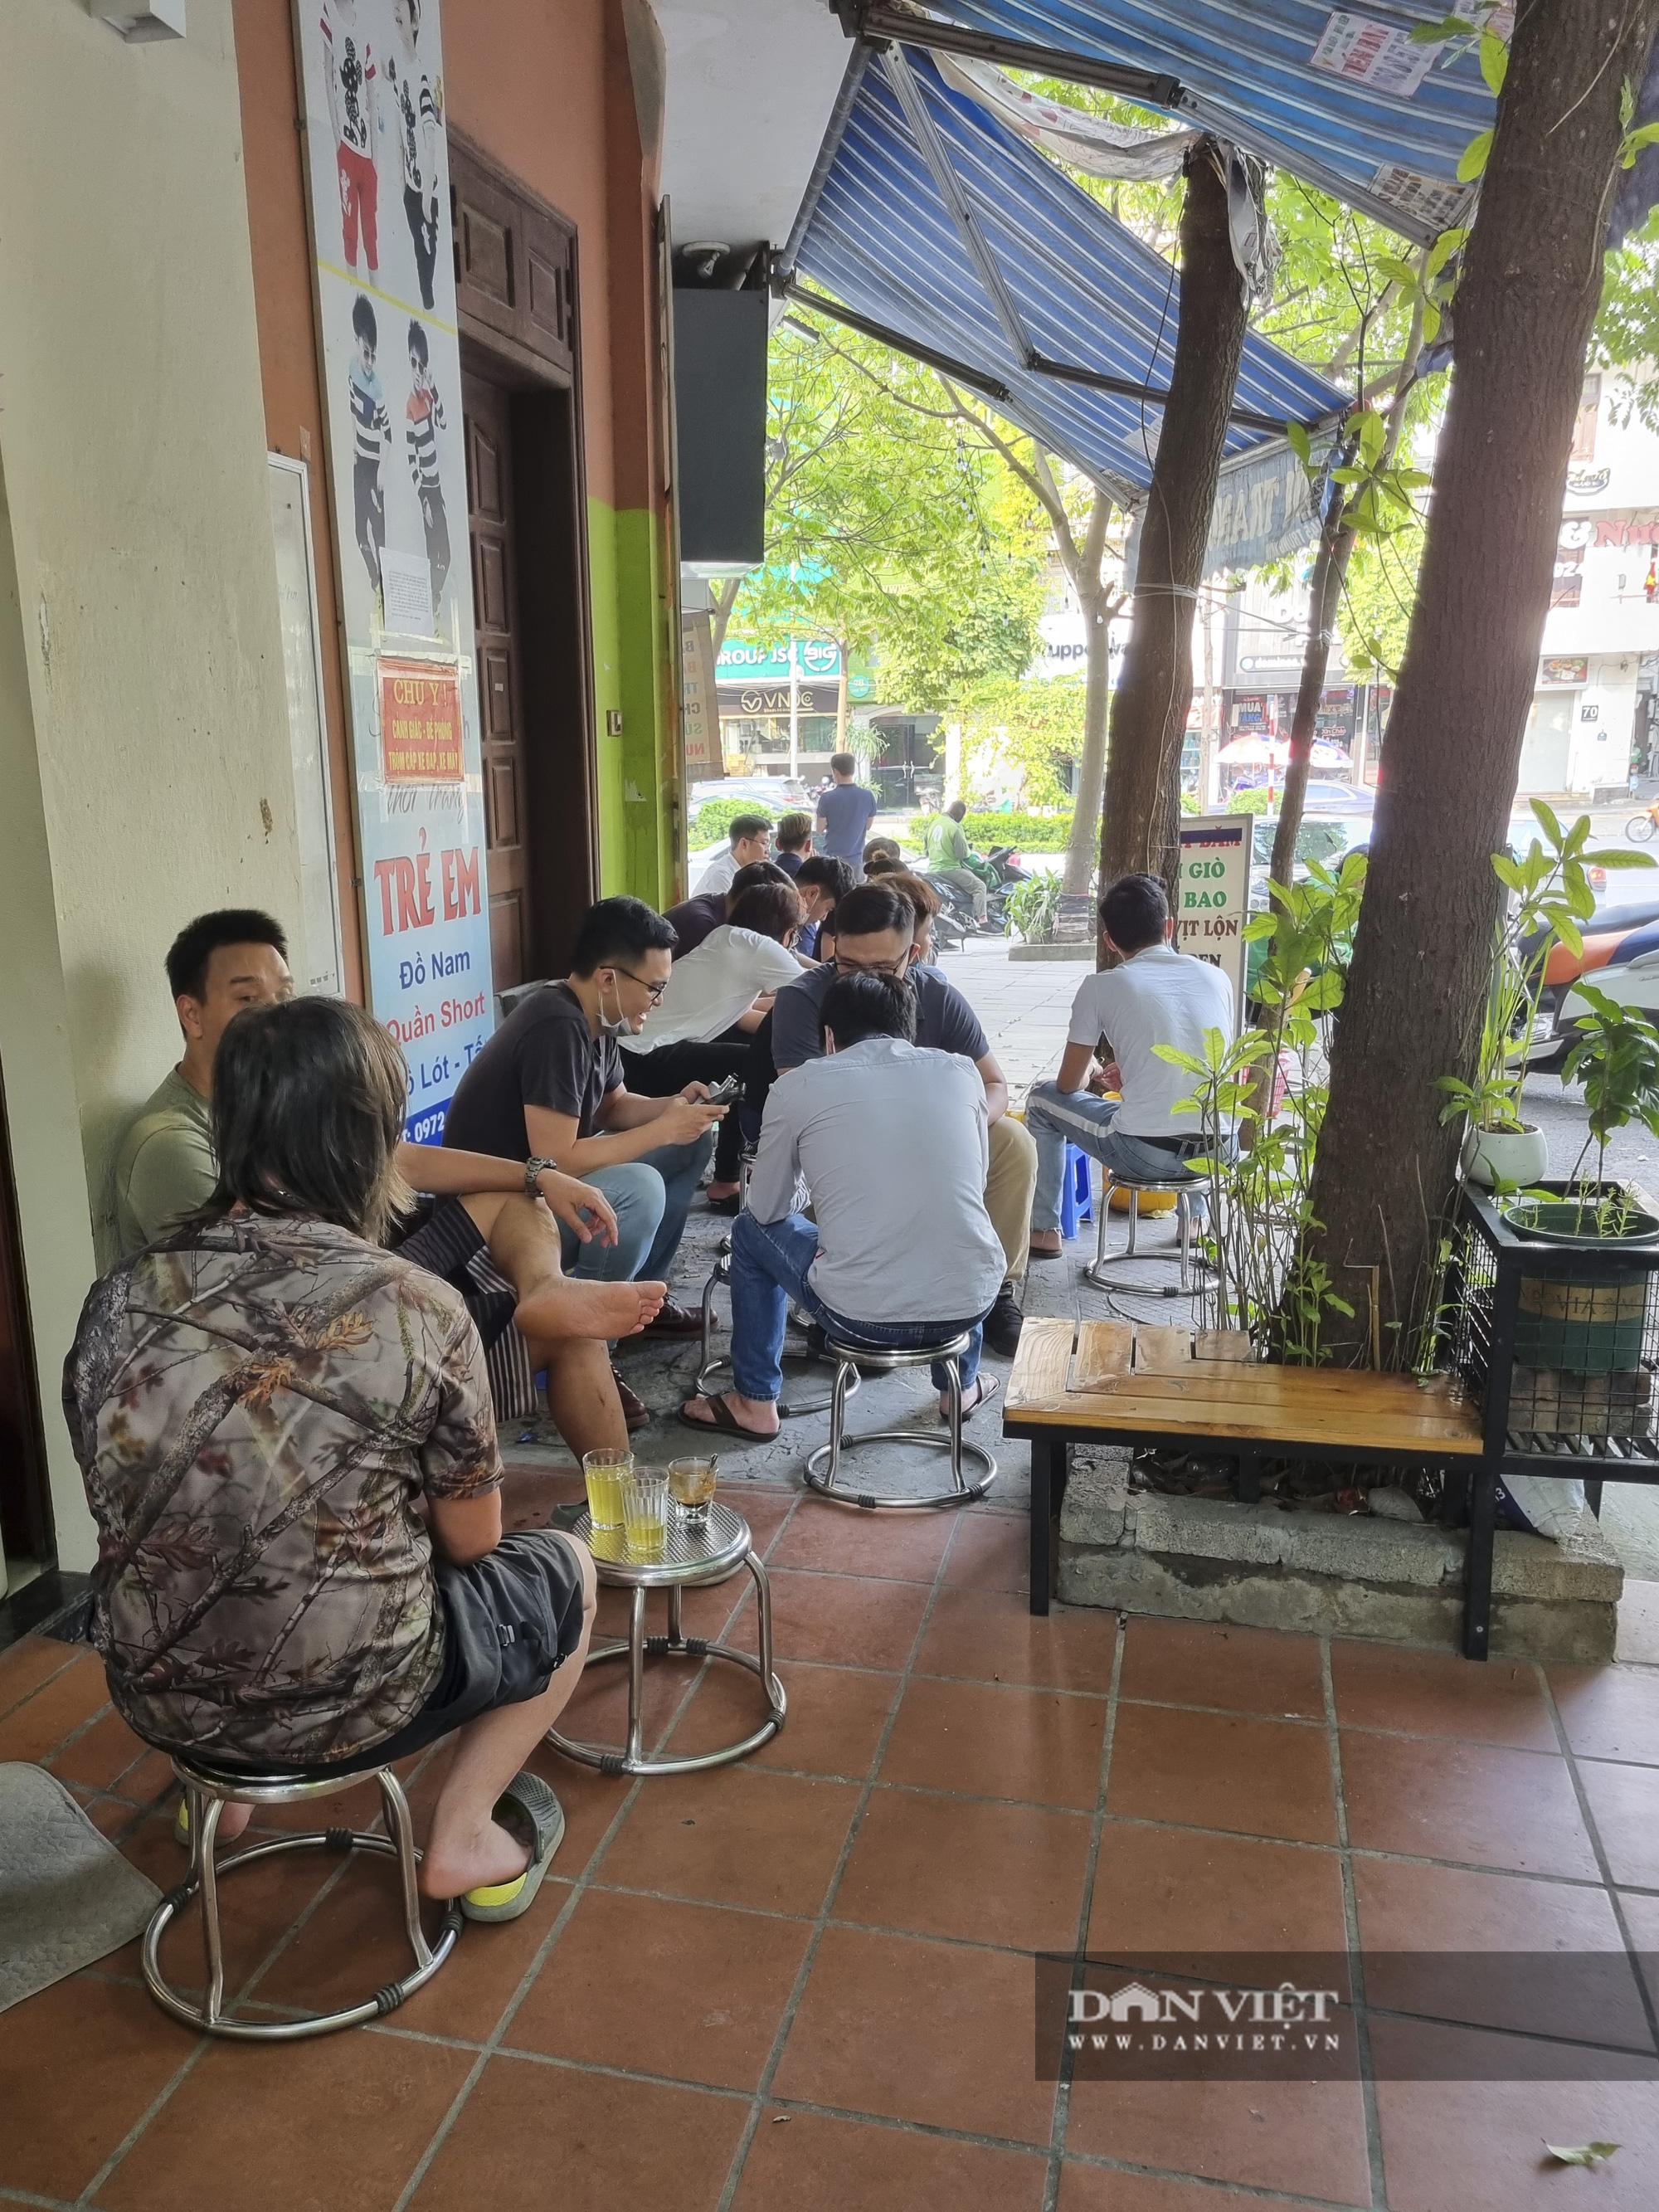 Hà Nội: Nhà hàng, quán cà phê, trà đá vỉa hè nơi chấp hành tốt, nơi vẫn ngang nhiên hoạt động  - Ảnh 9.